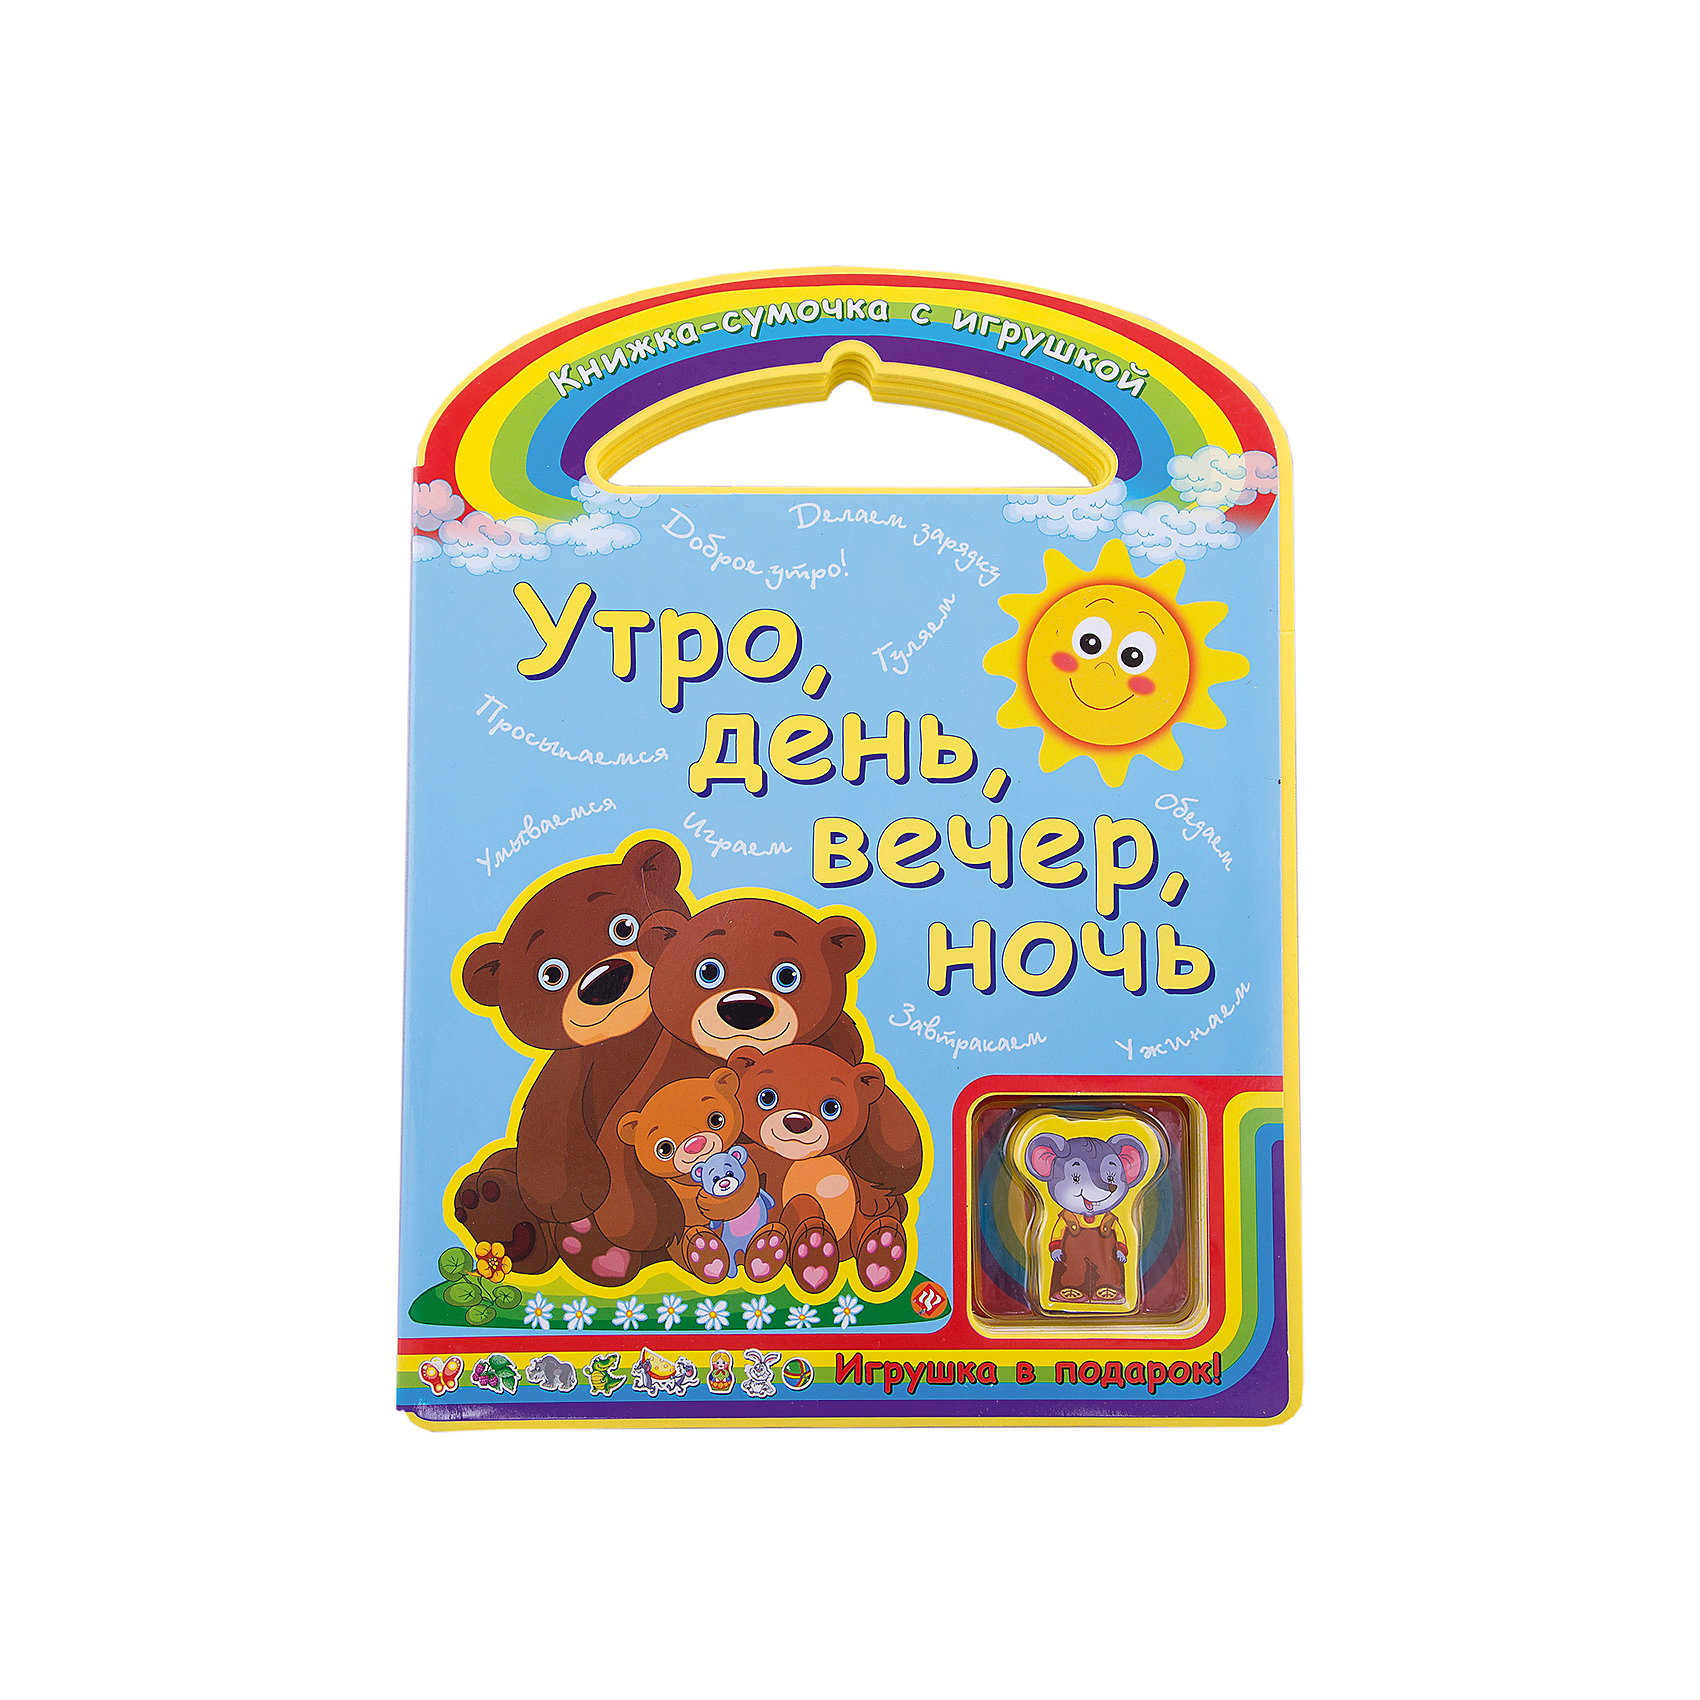 Утро, день, вечер, ночьИзучаем цвета и формы<br>Красочная книжка-игрушка Утро, день, вечер, ночь порадует Вашего малыша и познакомит его с временем суток и распорядком дня. Книжка выполнена в виде сумочки с ручкой, за которую ее удобно носить. На каждой страничке яркие веселые картинки и добрые тематические<br>стихи. Странички изготовлены из плотного ламинированного картона, ребенок не сможет порвать или повредить их. В комплект входит подарочная игрушка - фигурка симпатичного мышонка.<br><br><br>Дополнительная информация:<br><br>- Автор: С. А. Гордиенко.<br>- Серия: Книжка-сумочка с игрушкой.<br>- Обложка: картон.<br>- Иллюстрации: цветные.<br>- Объем: 10 стр. (ПВХ).<br>- Размер: 28,5 x 2,5 x 22 см.<br>- Вес: 0,332 кг.<br><br>Книгу Утро, день, вечер, ночь, Феникс-Премьер, можно купить в нашем интернет-магазине.<br><br>Ширина мм: 289<br>Глубина мм: 222<br>Высота мм: 27<br>Вес г: 2680<br>Возраст от месяцев: 24<br>Возраст до месяцев: 72<br>Пол: Унисекс<br>Возраст: Детский<br>SKU: 4771419